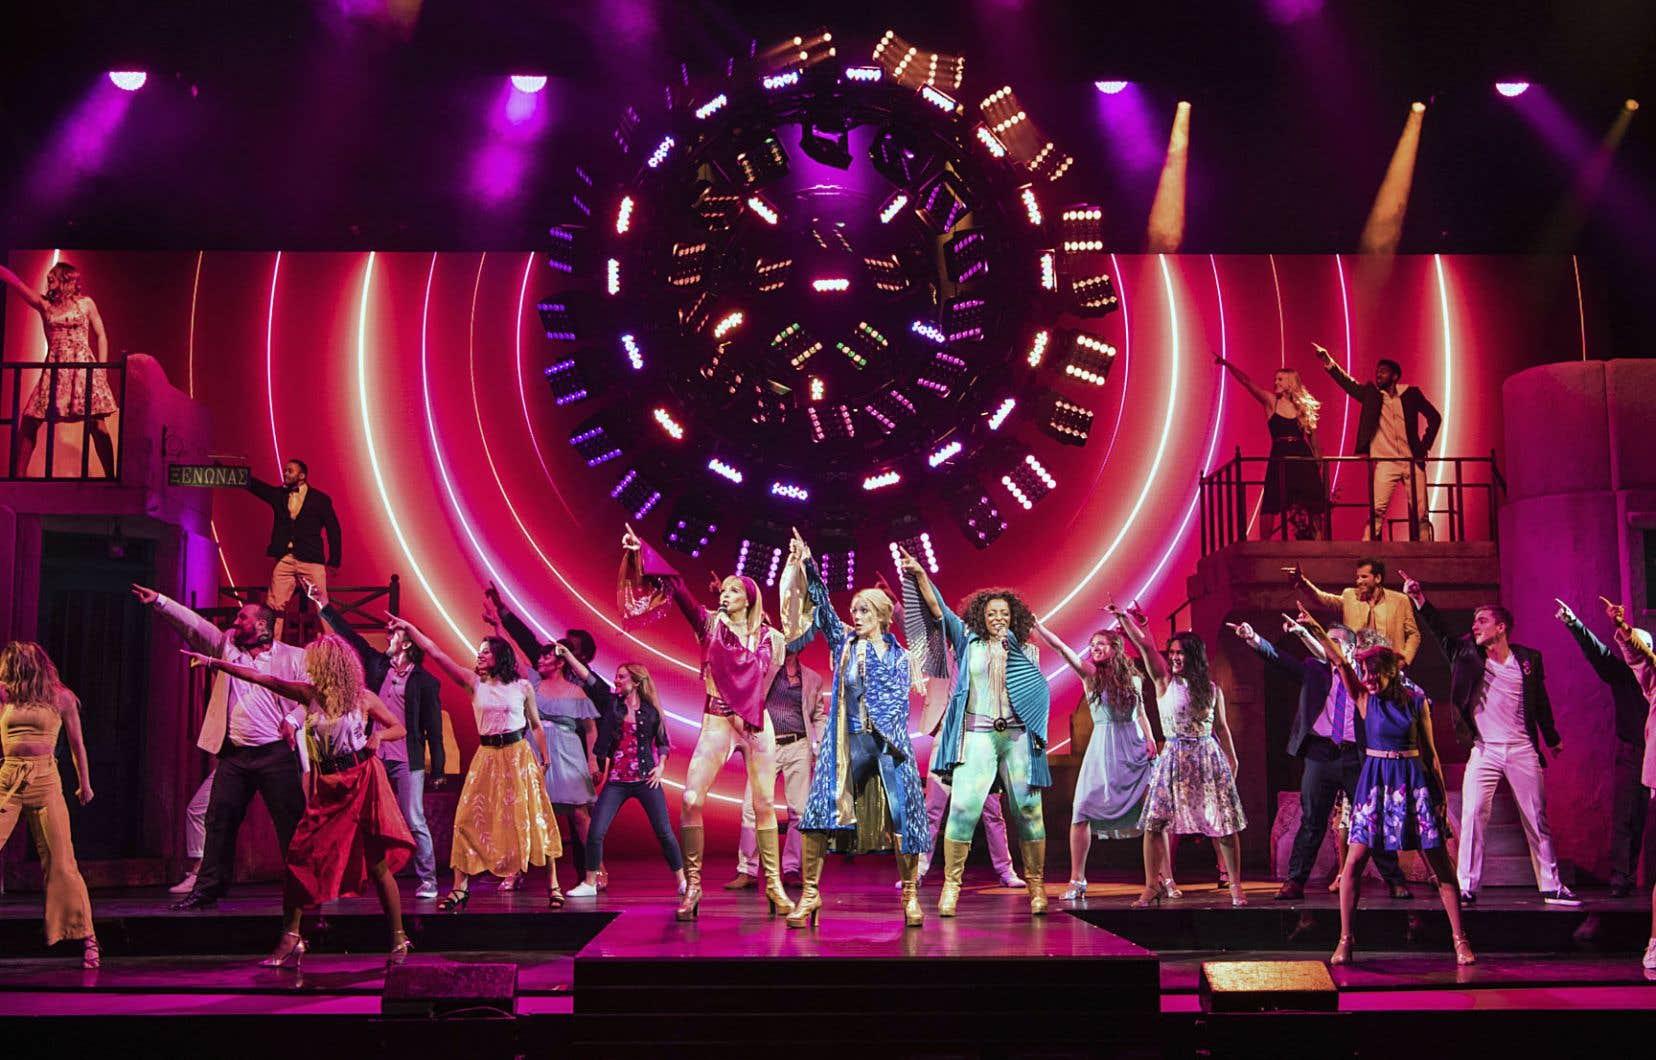 Avec ses douze interprètes, autant de danseuses et de danseurs, huit musiciens et six choristes, la production ne manque pas d'envergure.